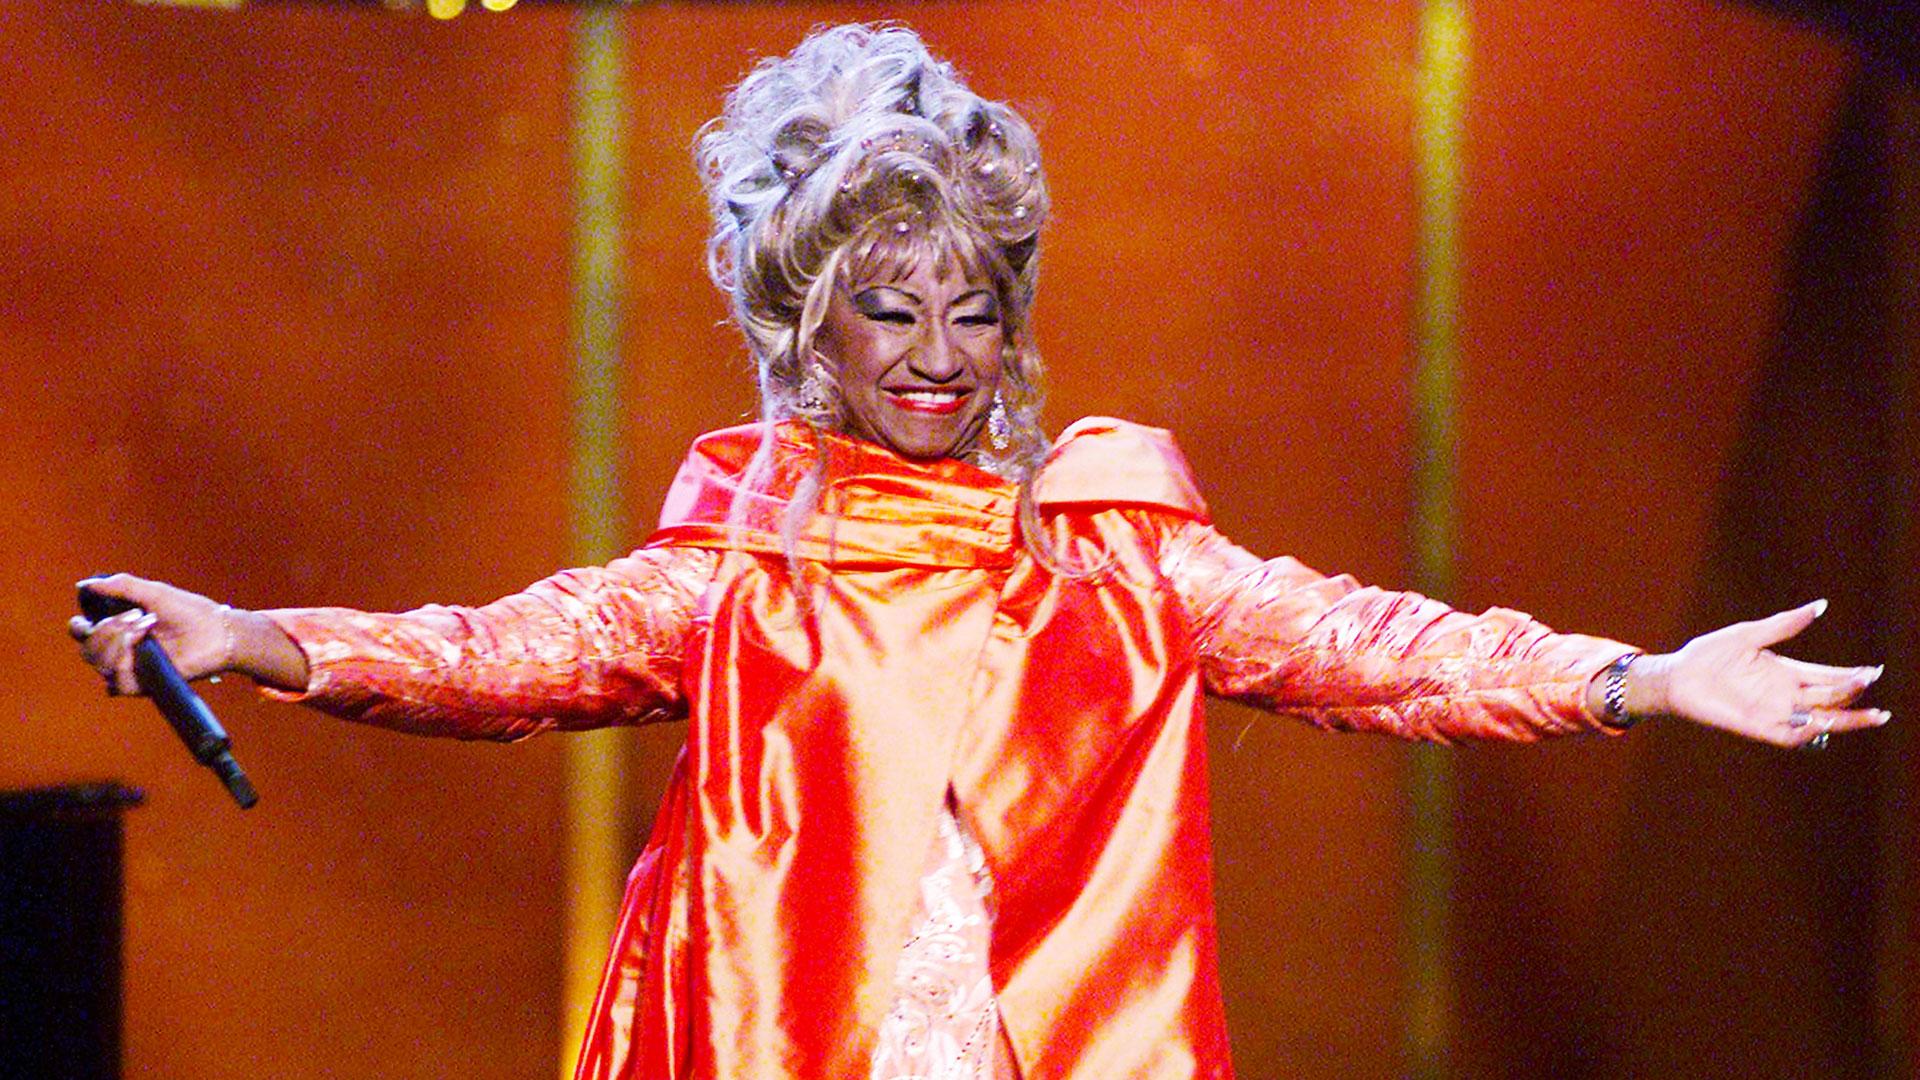 """La autobiografía sobre """"la reina de la salsa"""" Celia Cruz será llevada a la televisión - Infobae"""